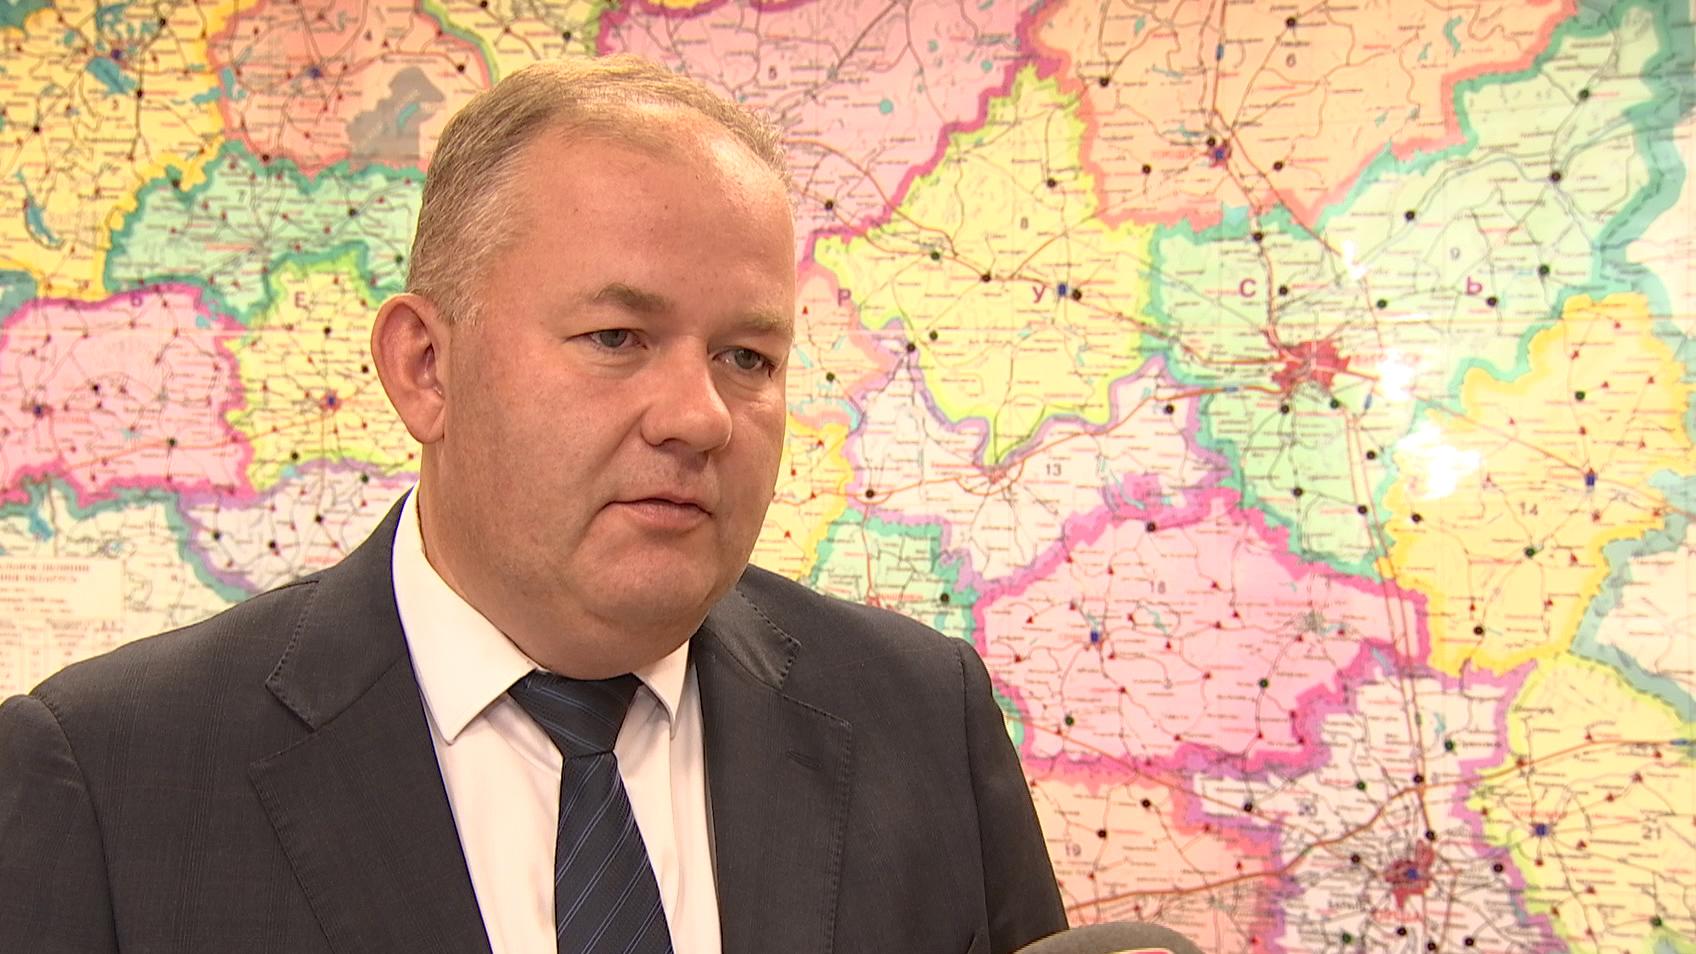 vishneveckij - В Витебской области увеличивается количество случаев вирусных заболеваний (видео)